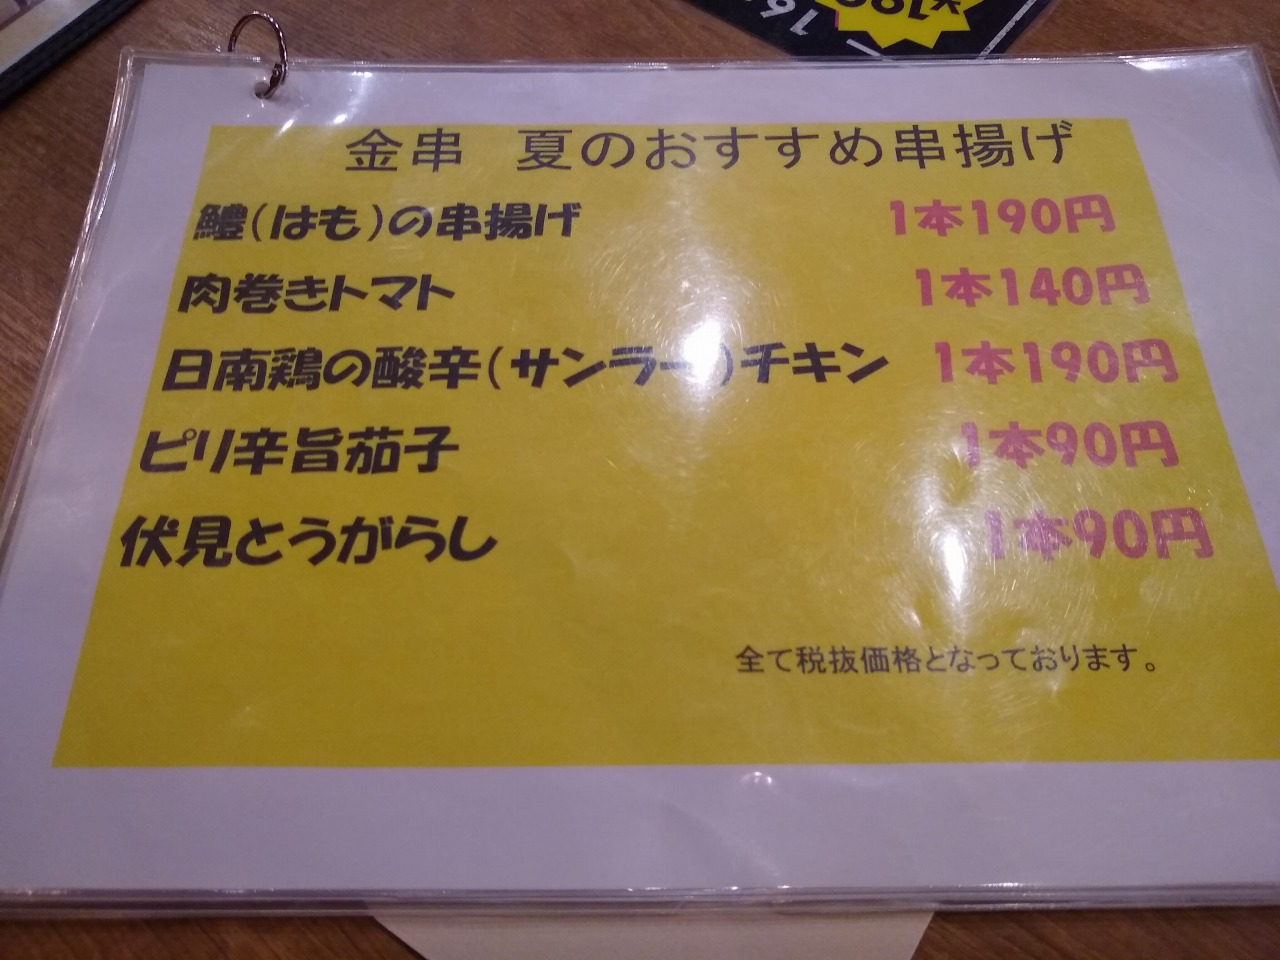 金串綱島店メニュー